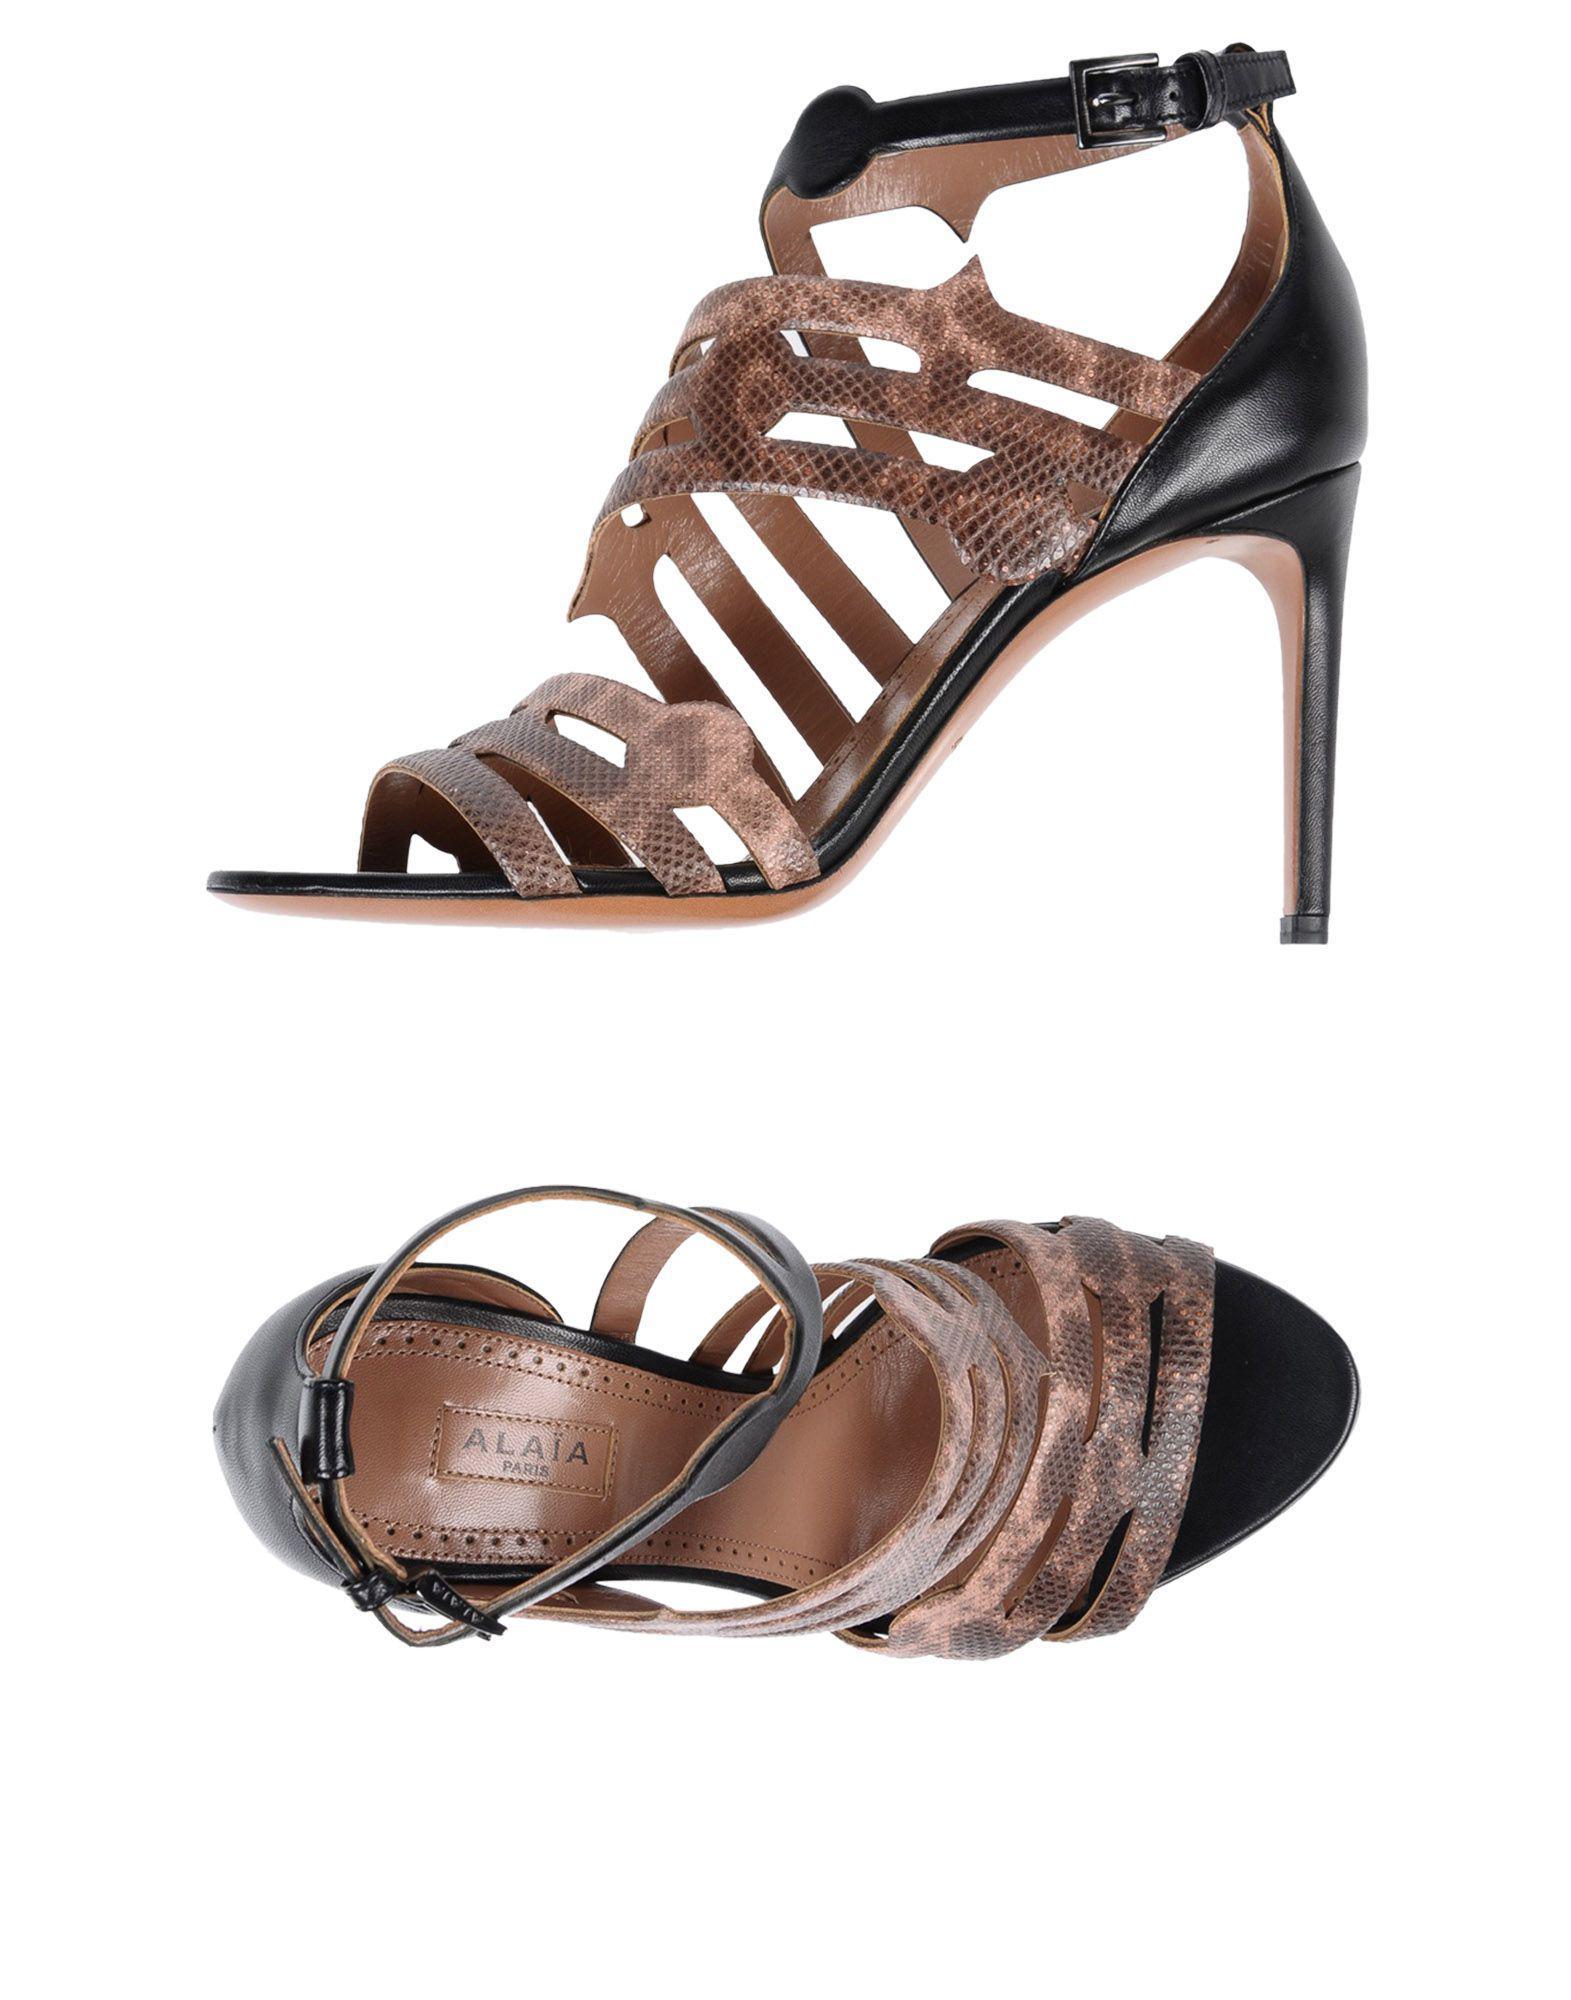 7ee63281c9c Alaïa Sandals in Pink - Lyst